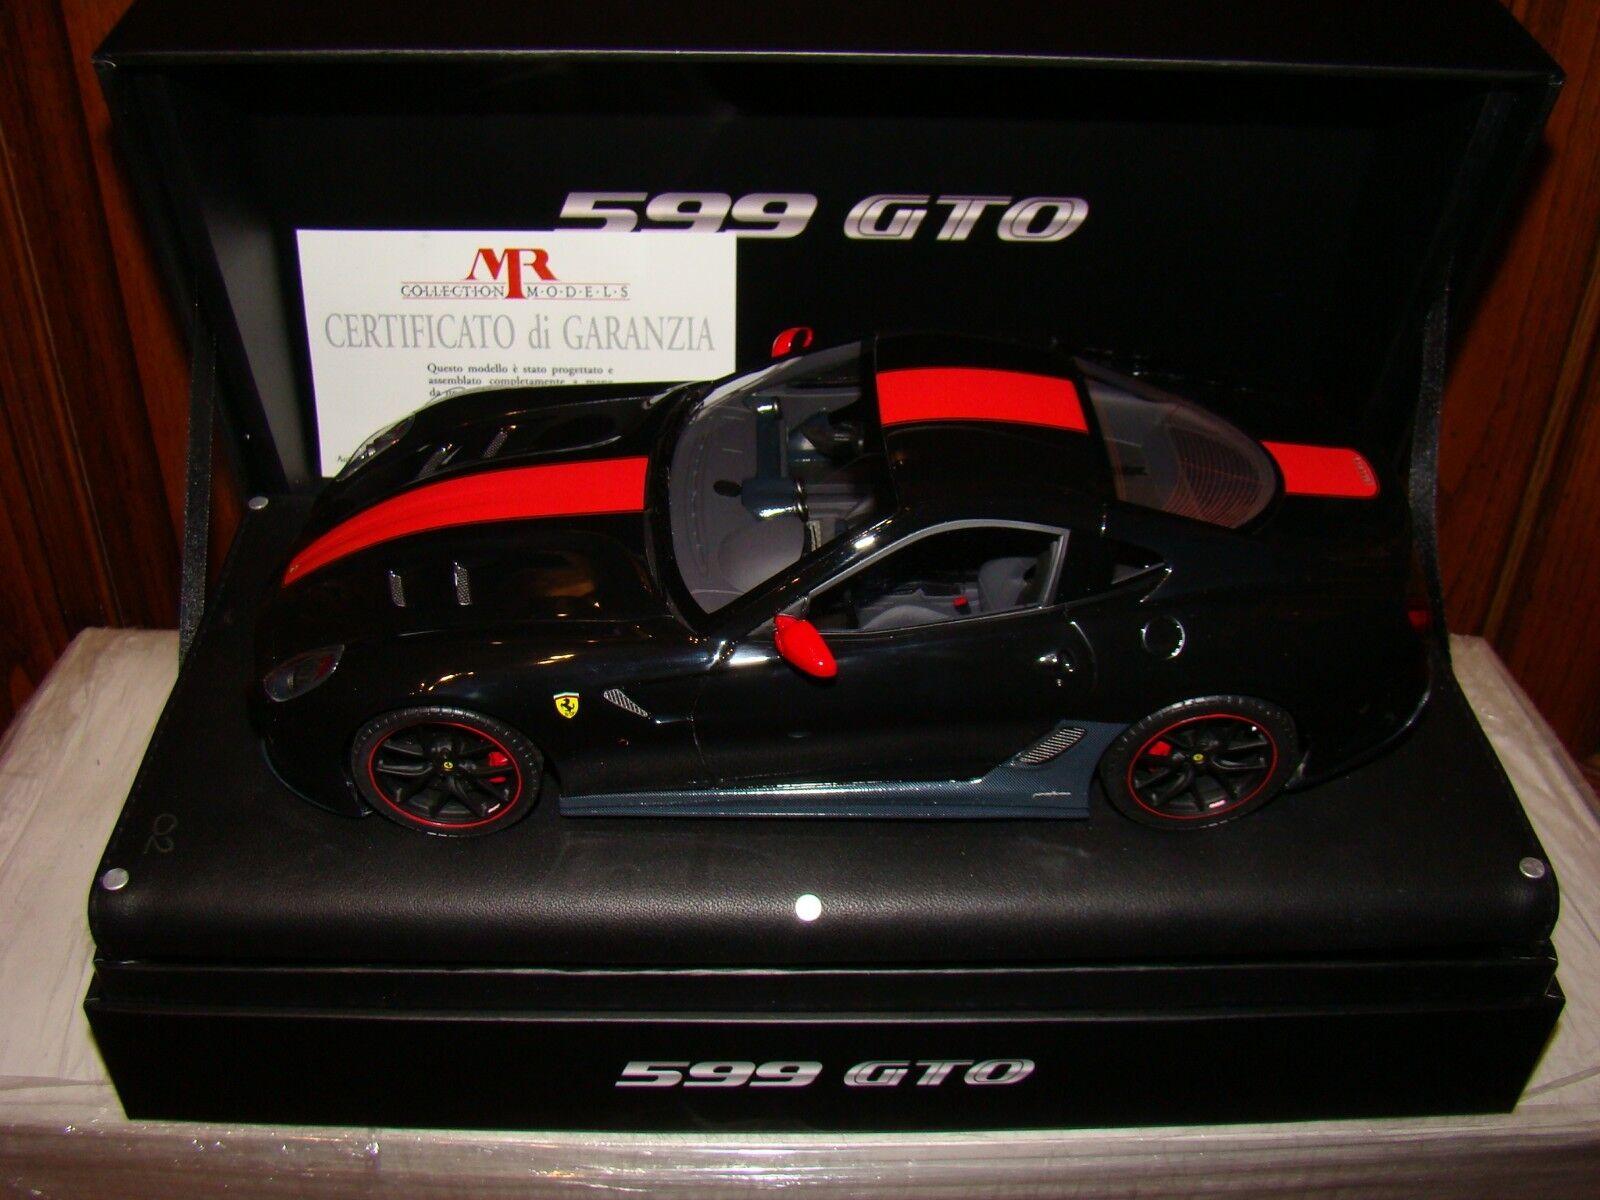 Ferrari 599 Gto NeraRosso Stripe Mr Collection 118 Eme Ed. Limitata 0225